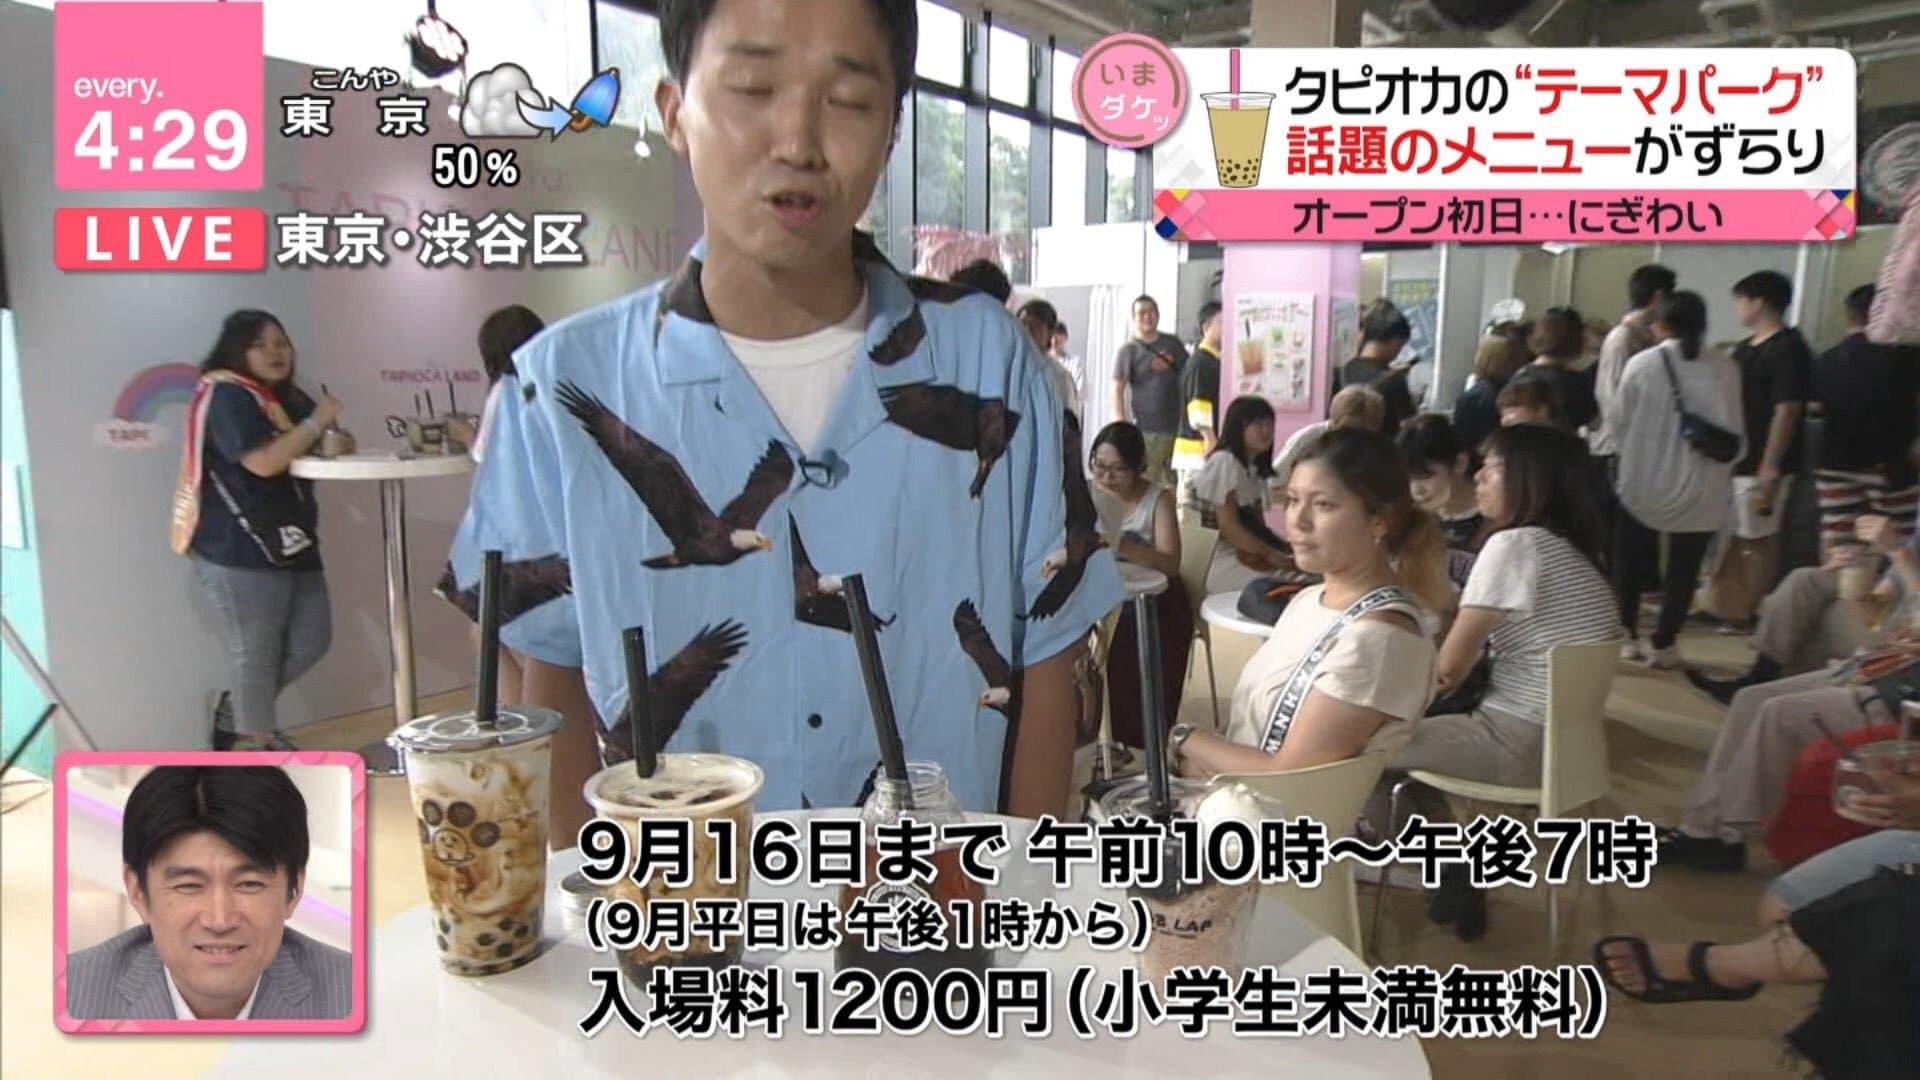 【画像】本日オープンしたタピオカランド、ゴミすぎて炎上 入場料1200円、出店は4店舗、トイレが無いのに再入場禁止